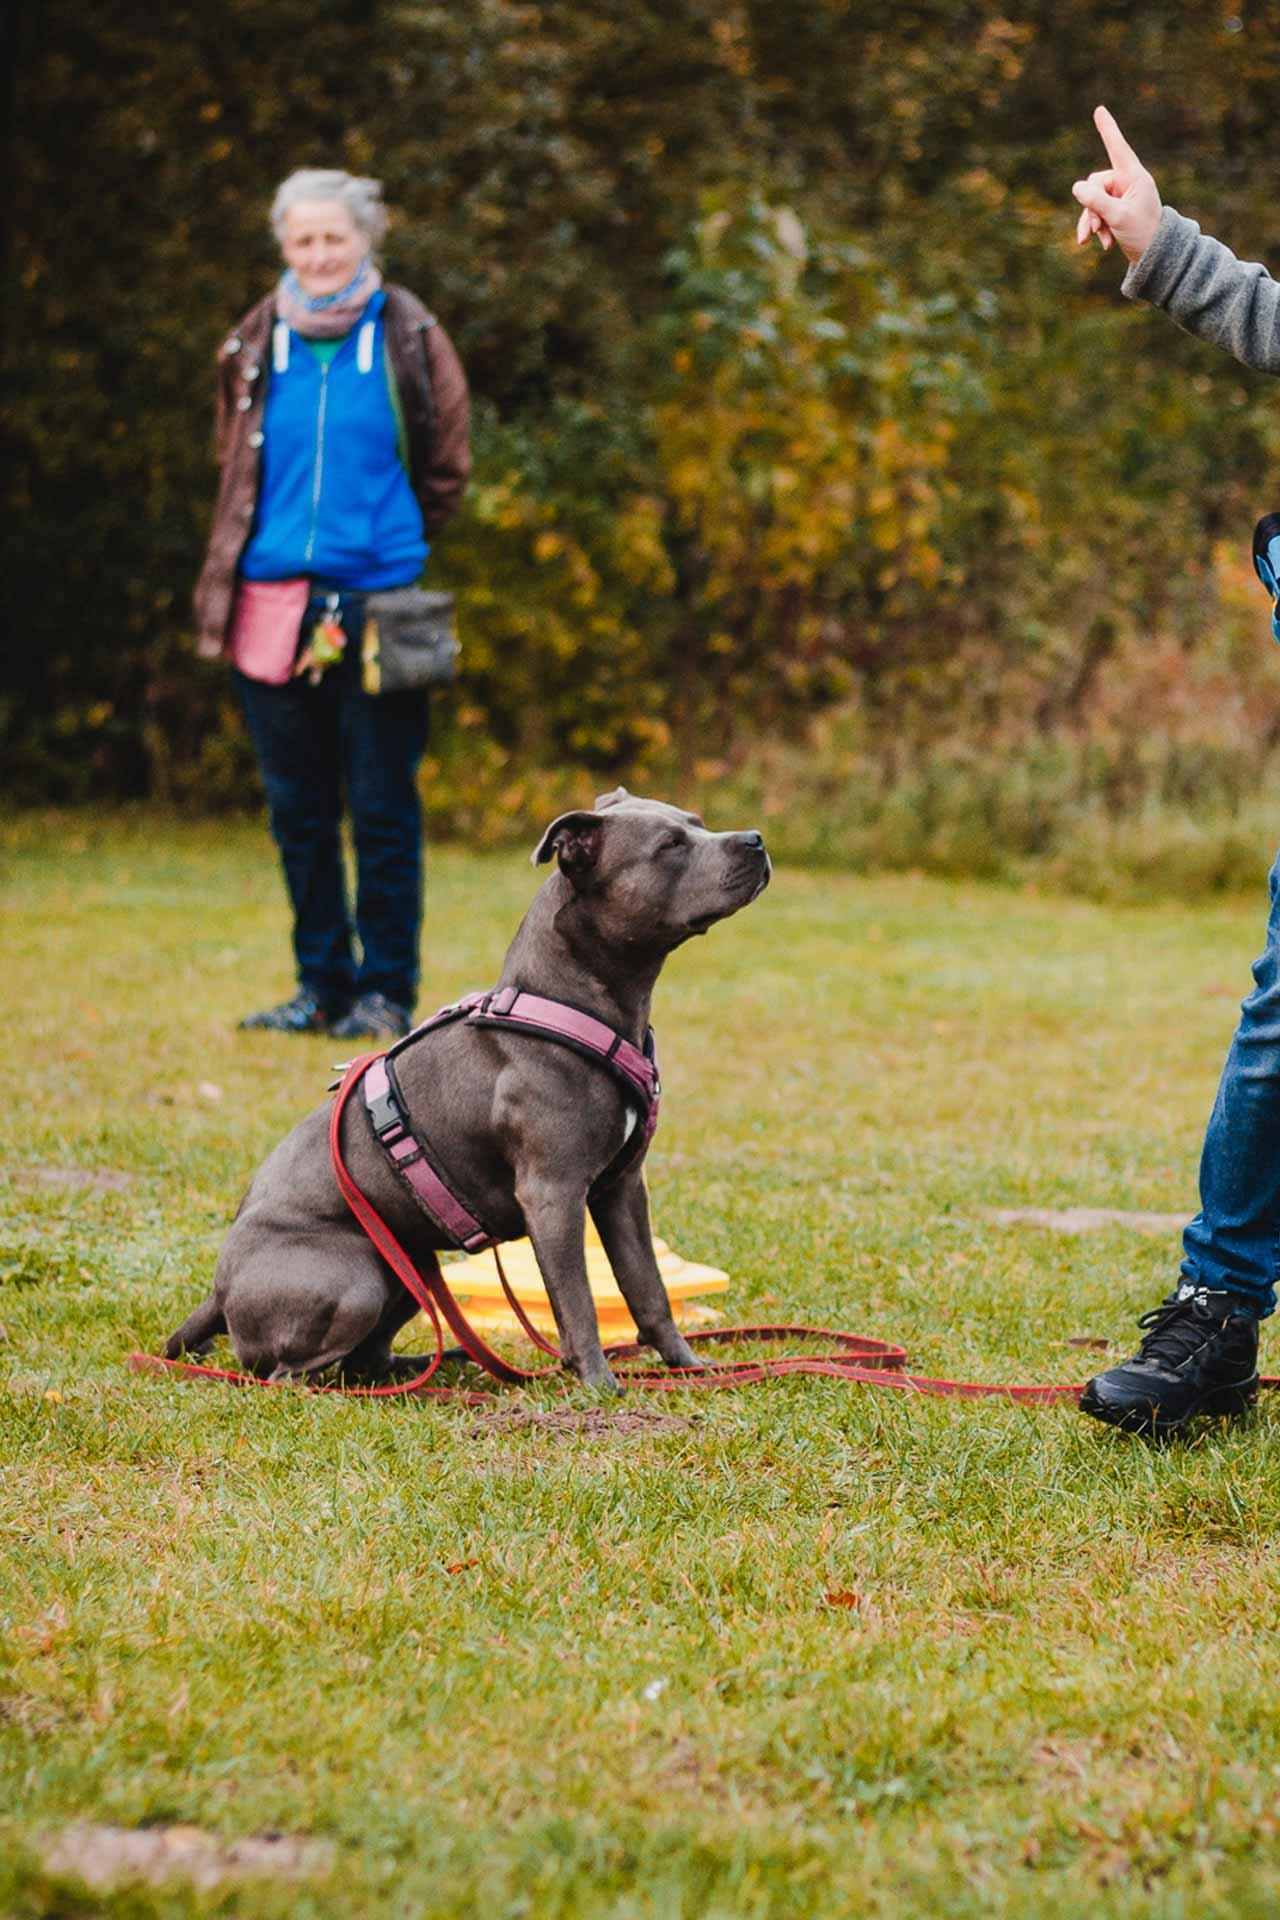 hundpunkt_hundeschule_muenster-ibbenbueren-einzeltraining